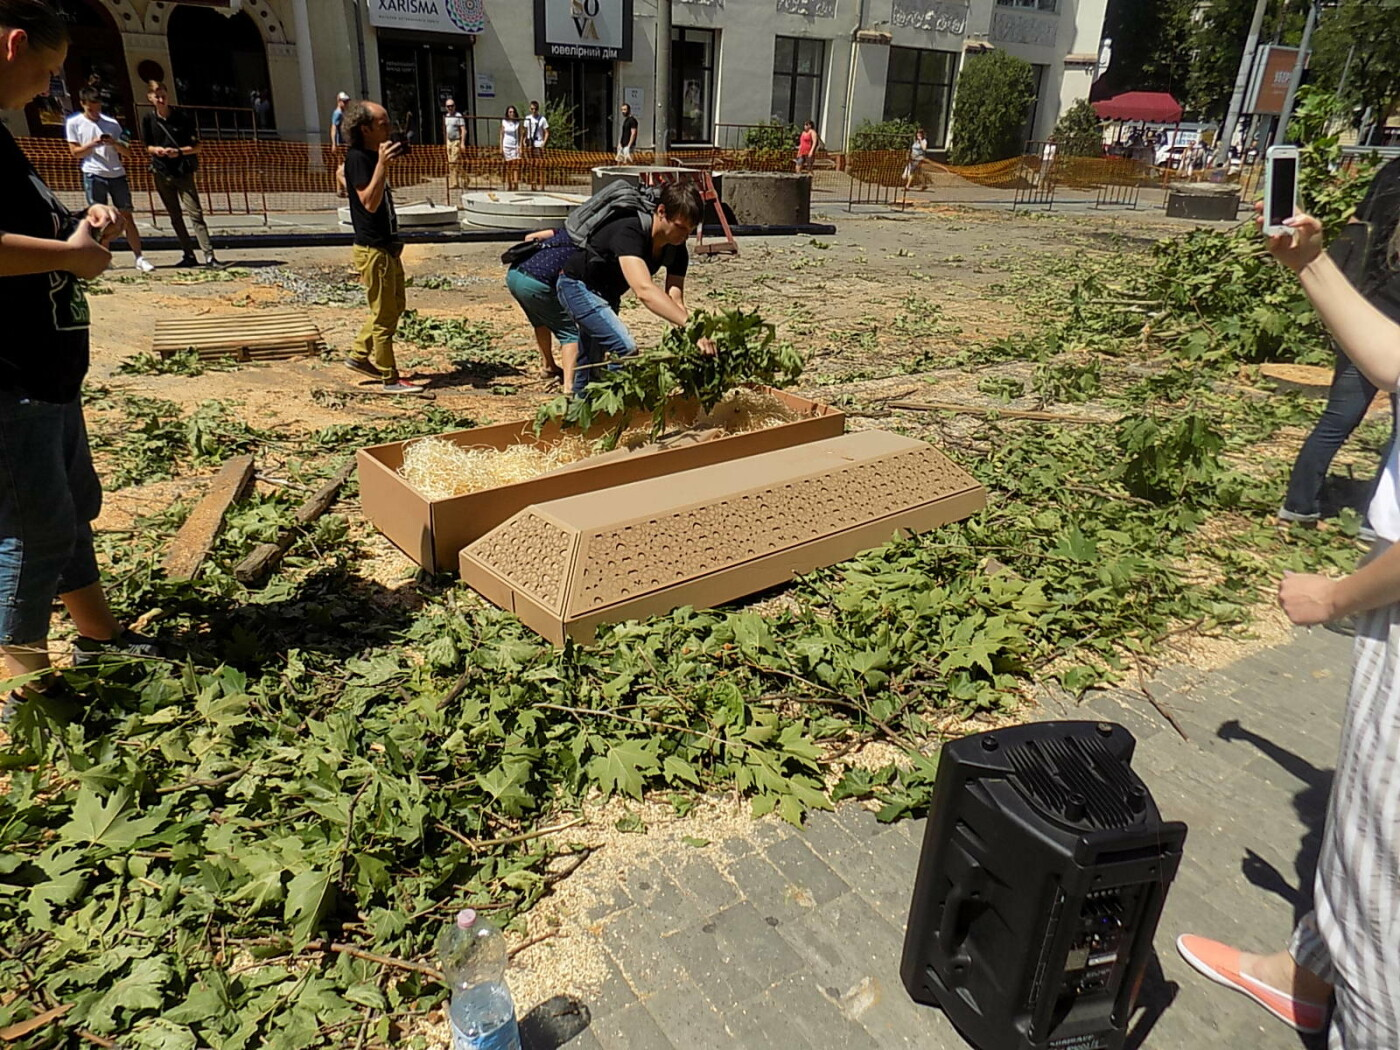 В Днепре провели «похороны» деревьев с Короленко: последние деревья срубили, пока город спал, - ФОТО, фото-11